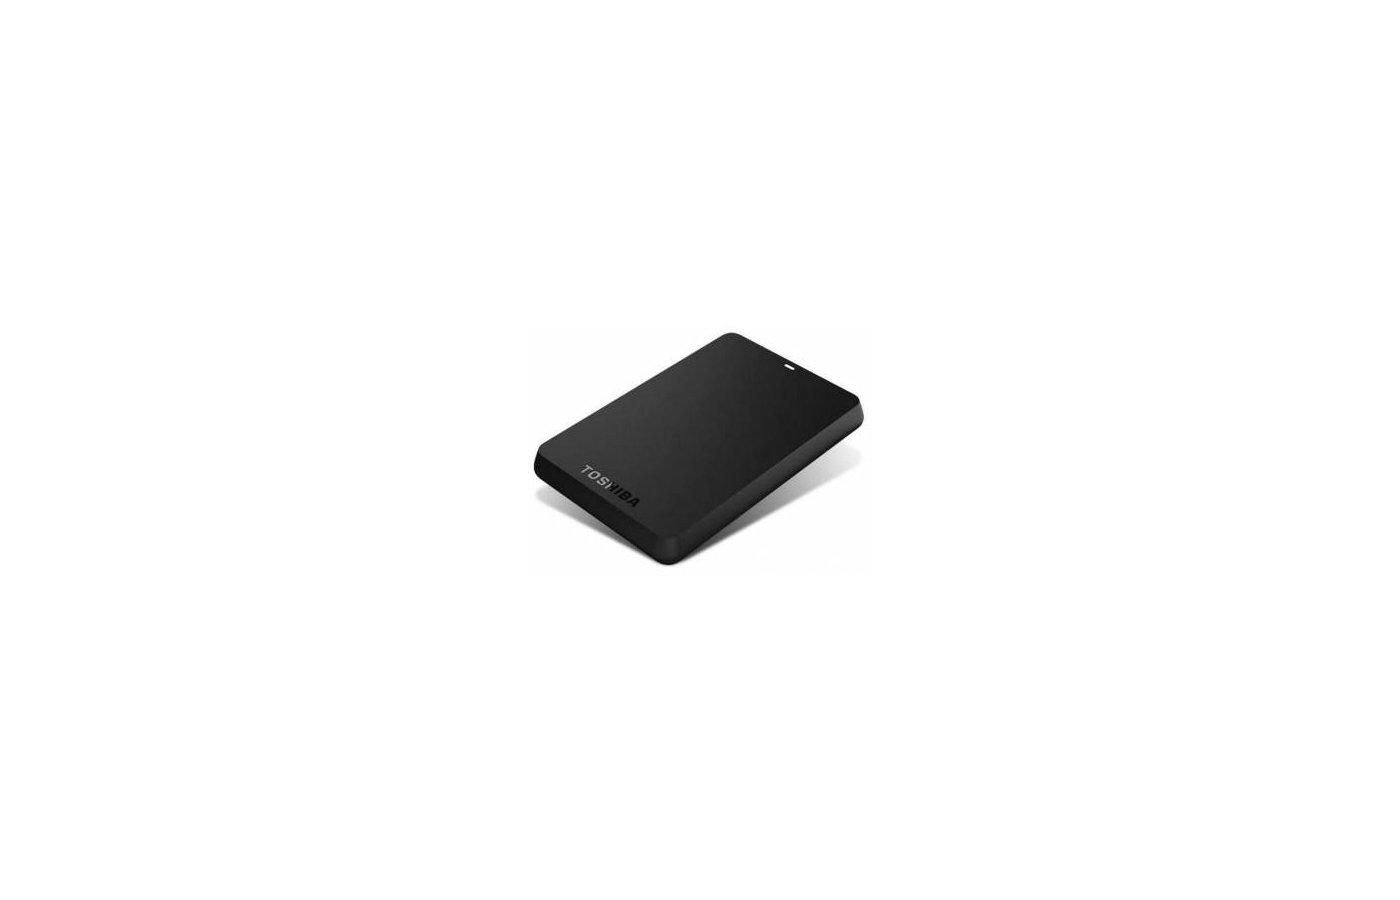 Внешний жесткий диск Toshiba HDTB320EK3CA 2Tb USB 3.0 Canvio Basics 2.5 черный